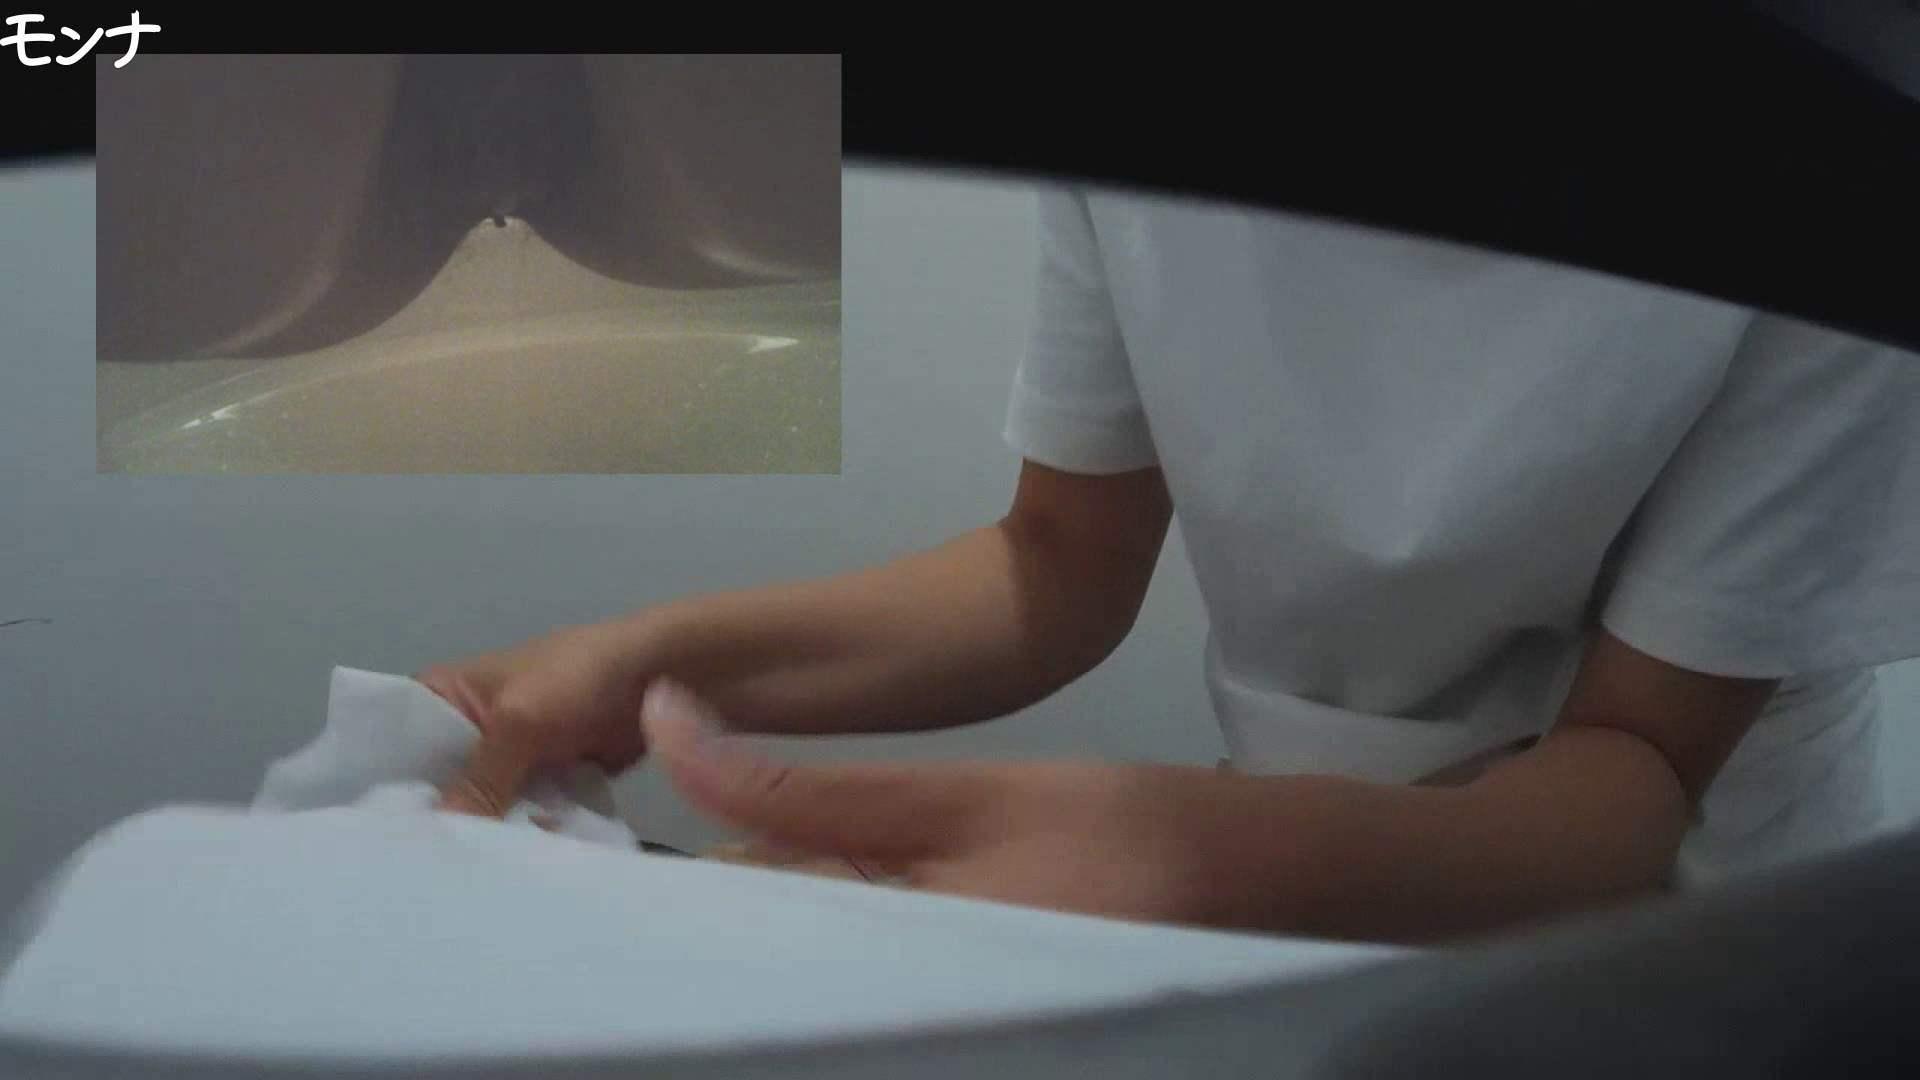 有名大学女性洗面所 vol.66 清楚系女子をがっつり!! 和式 | 潜入  96連発 49